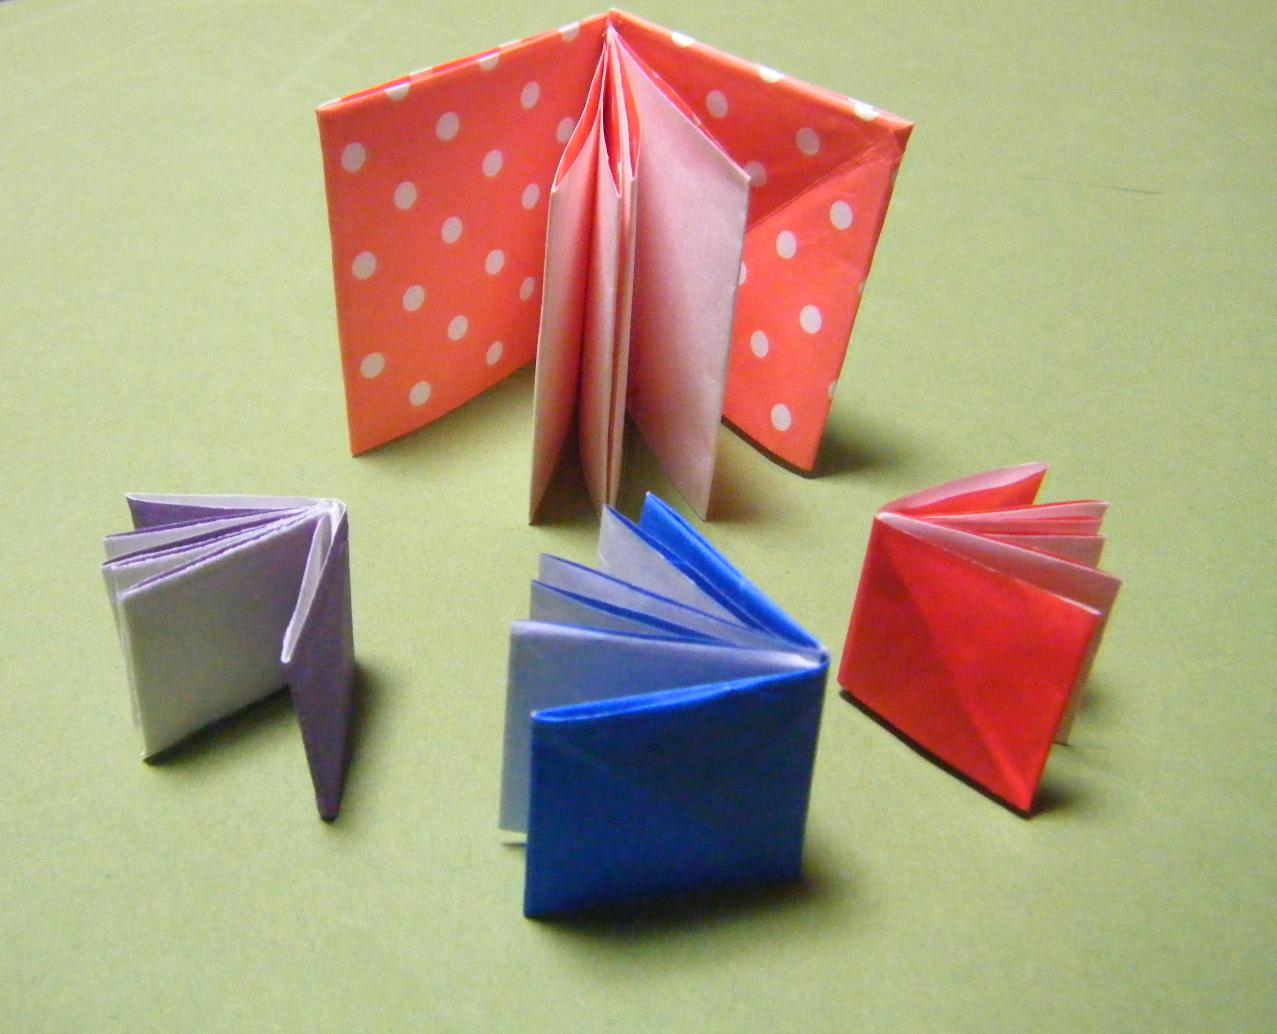 すべての折り紙 折り紙桜の作り方 : You Should Know